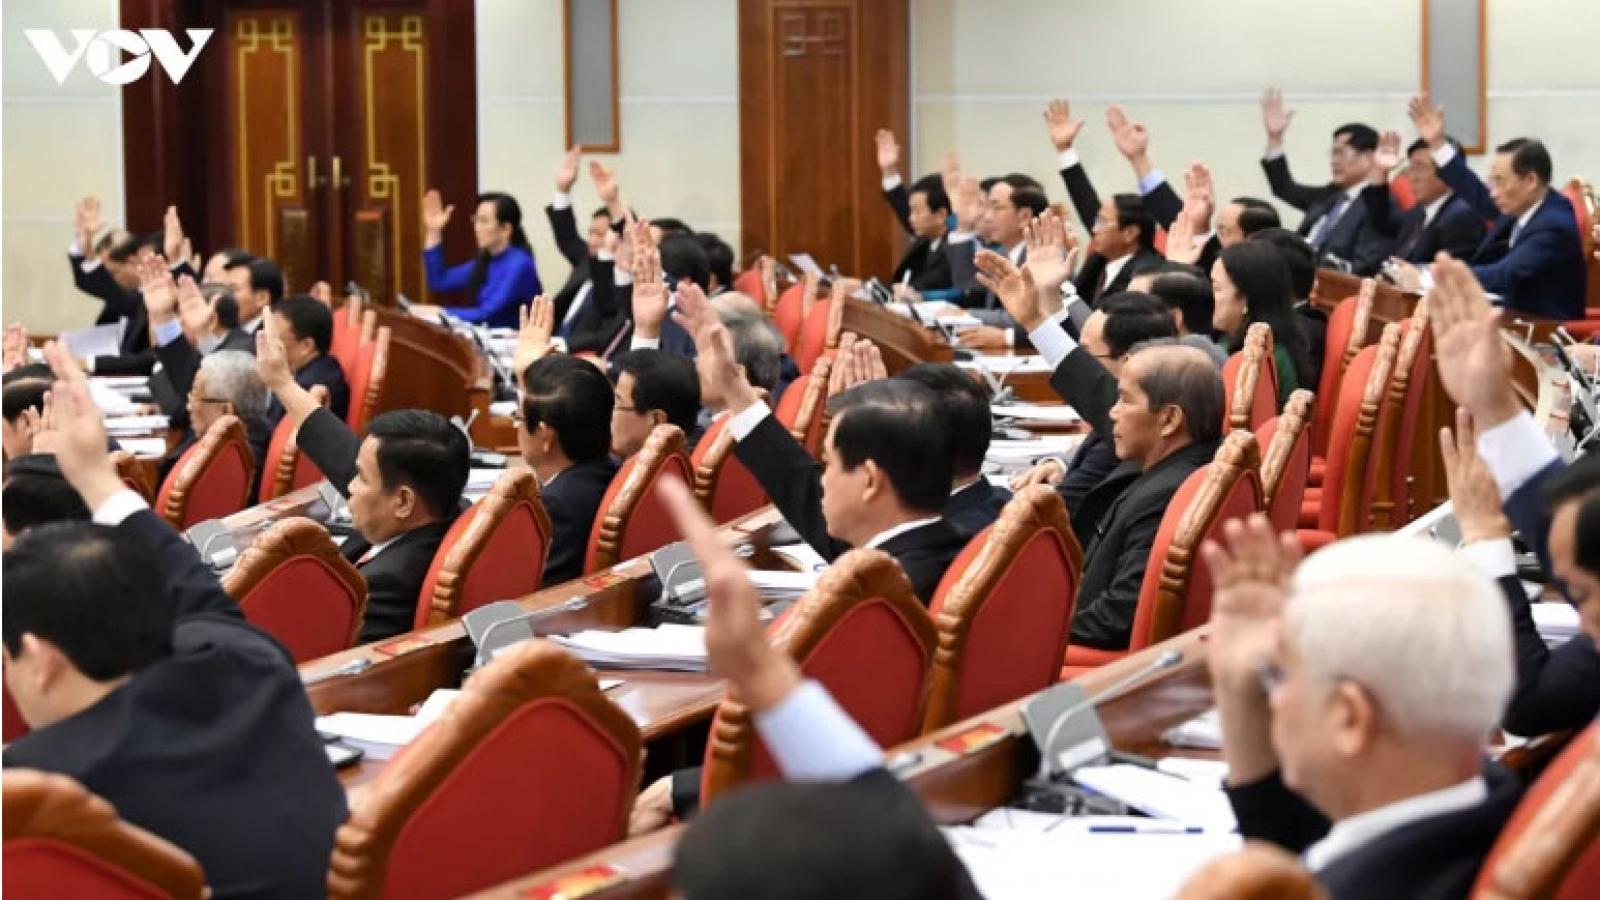 Bộ Chính trị đã phê duyệt 227 nhân sự quy hoạch BCH Trung ương khoá XIII